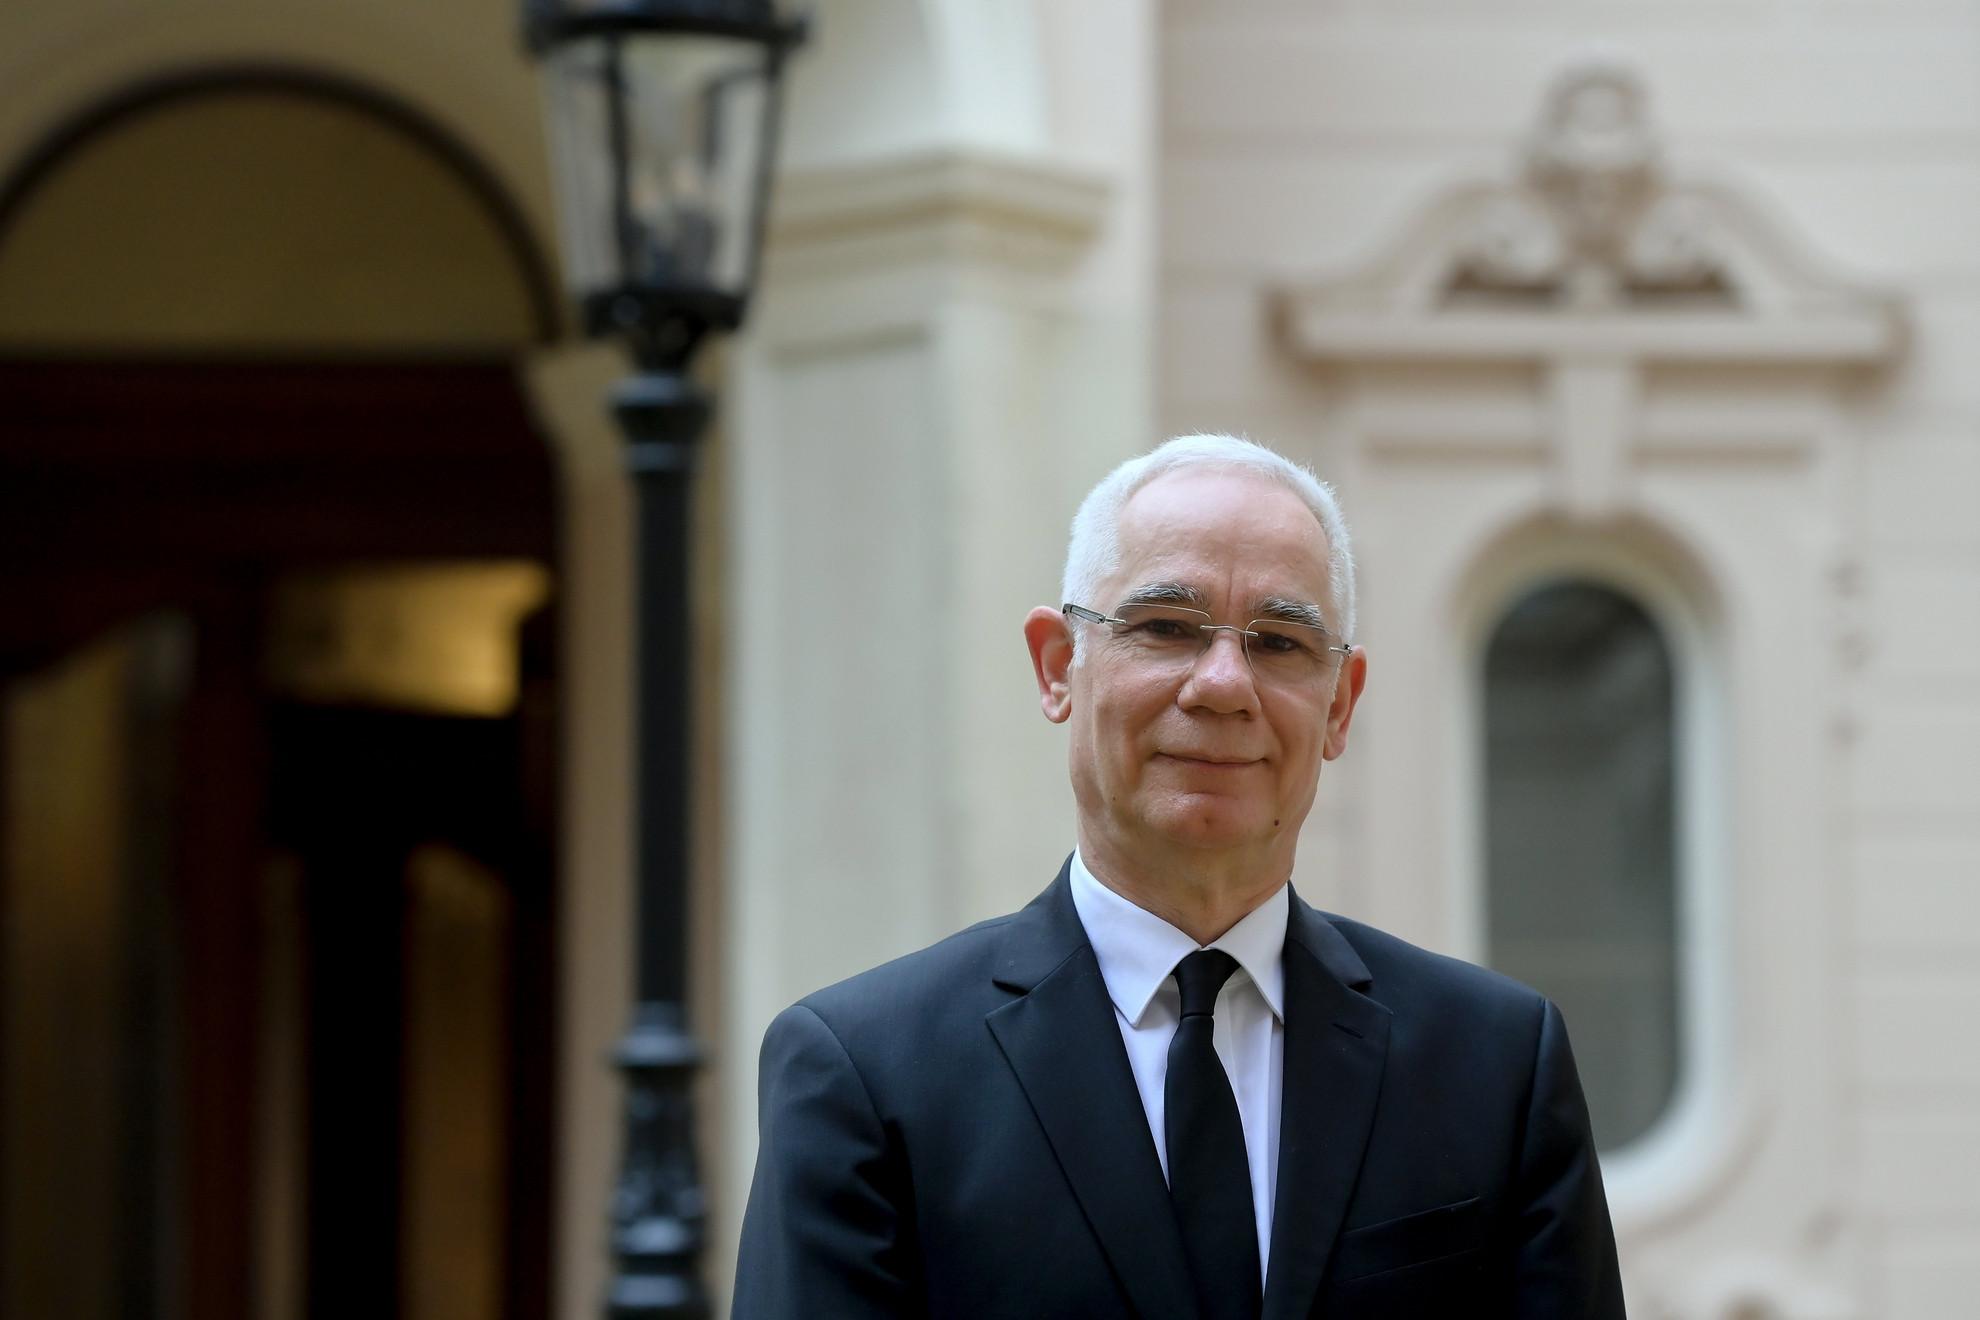 Balog Zoltán: Nem szabad elveszíteni a bátorságunkat, nemet kell mondani a keresztényellenes ideológiákra